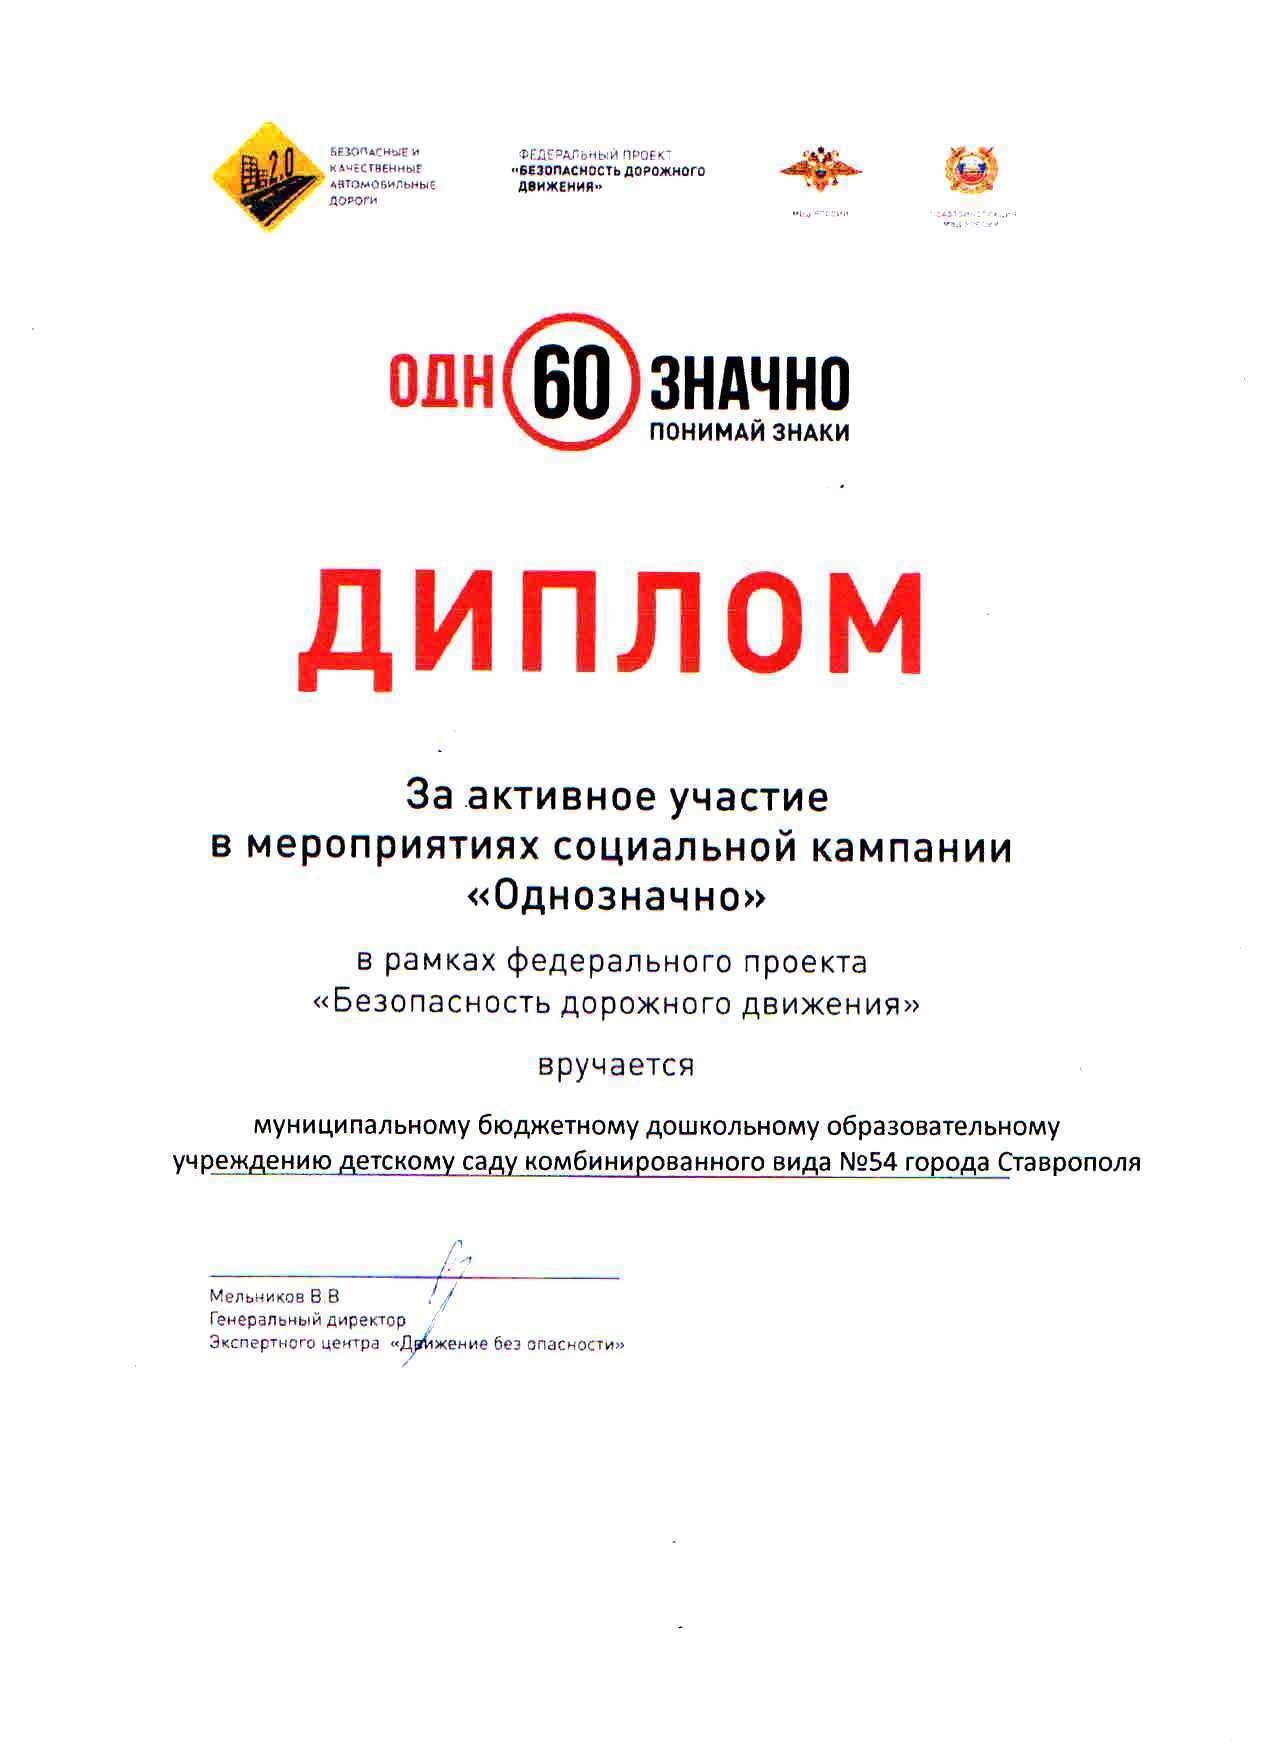 диплом-ПДД-30.09.2019